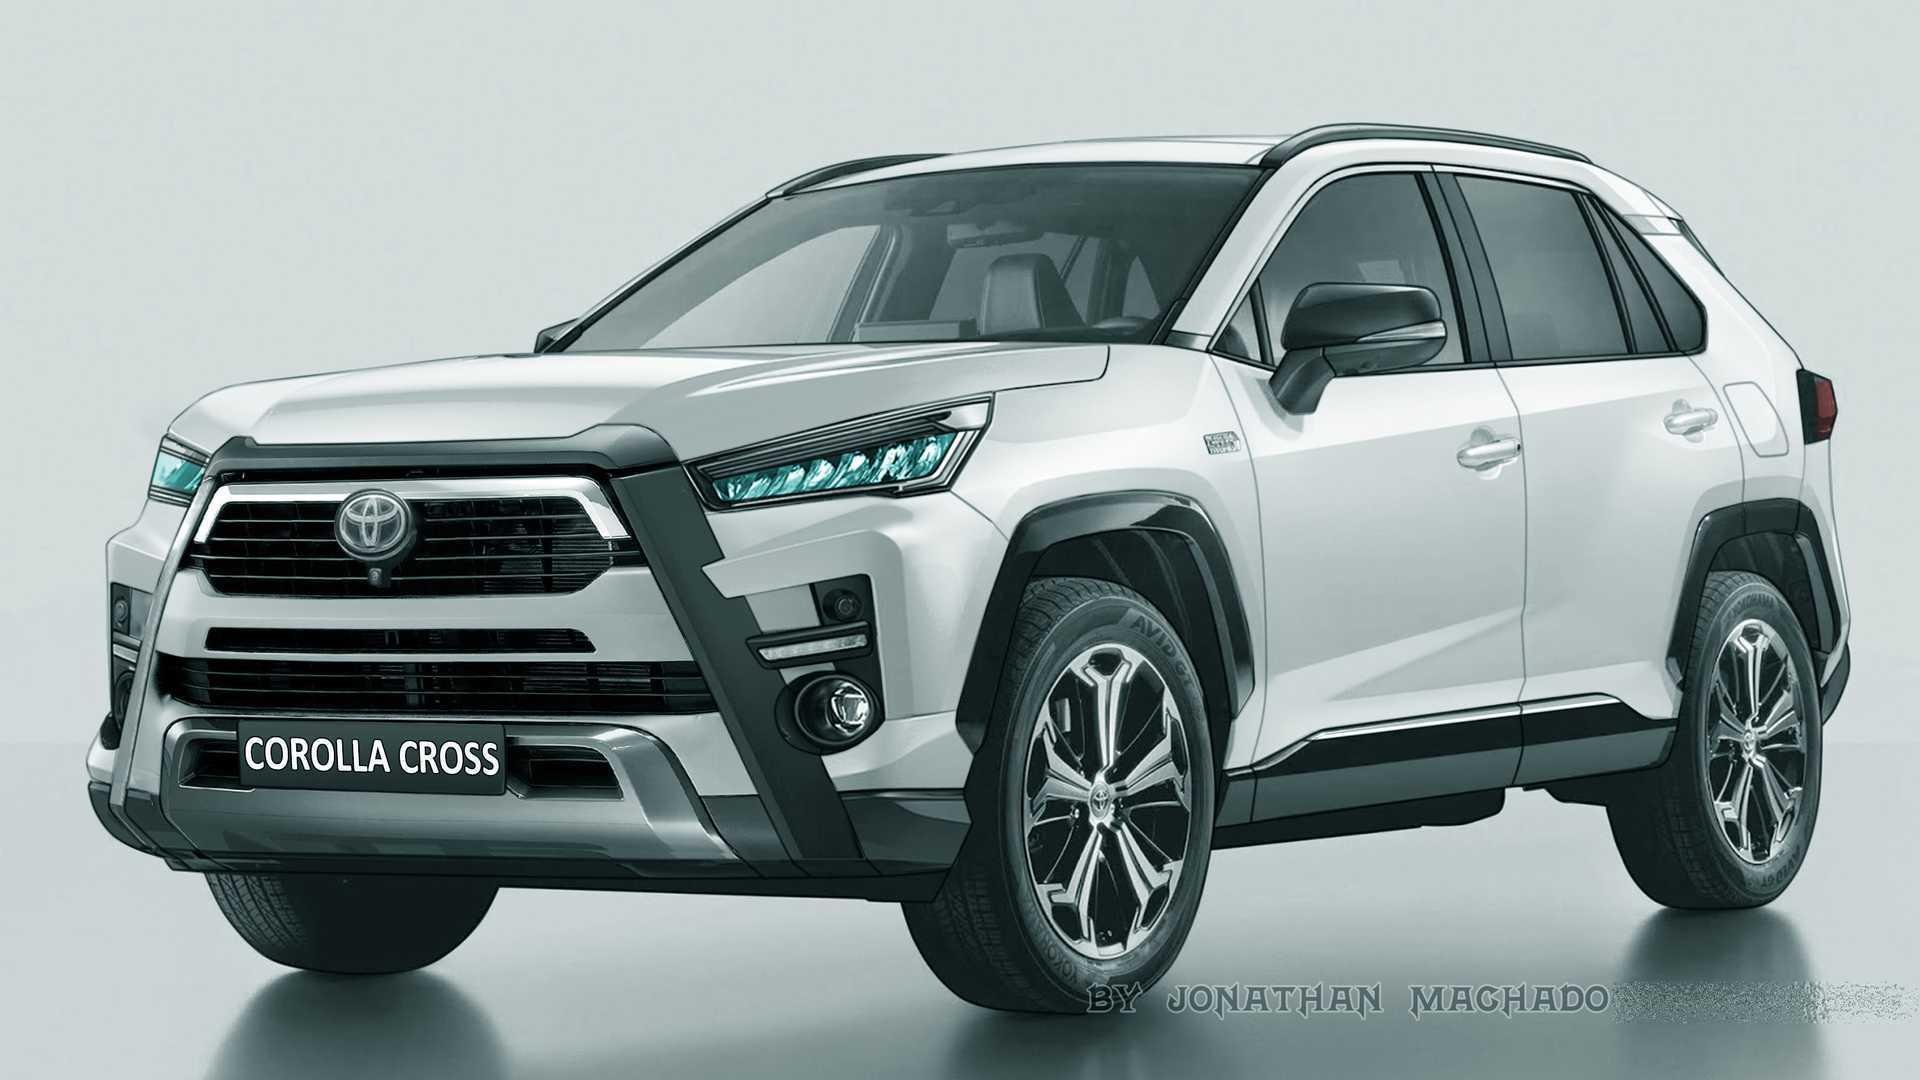 Toyota Corolla Cross Novos Flagras Dao Base Para Projecoes Do Futuro Suv Nacional